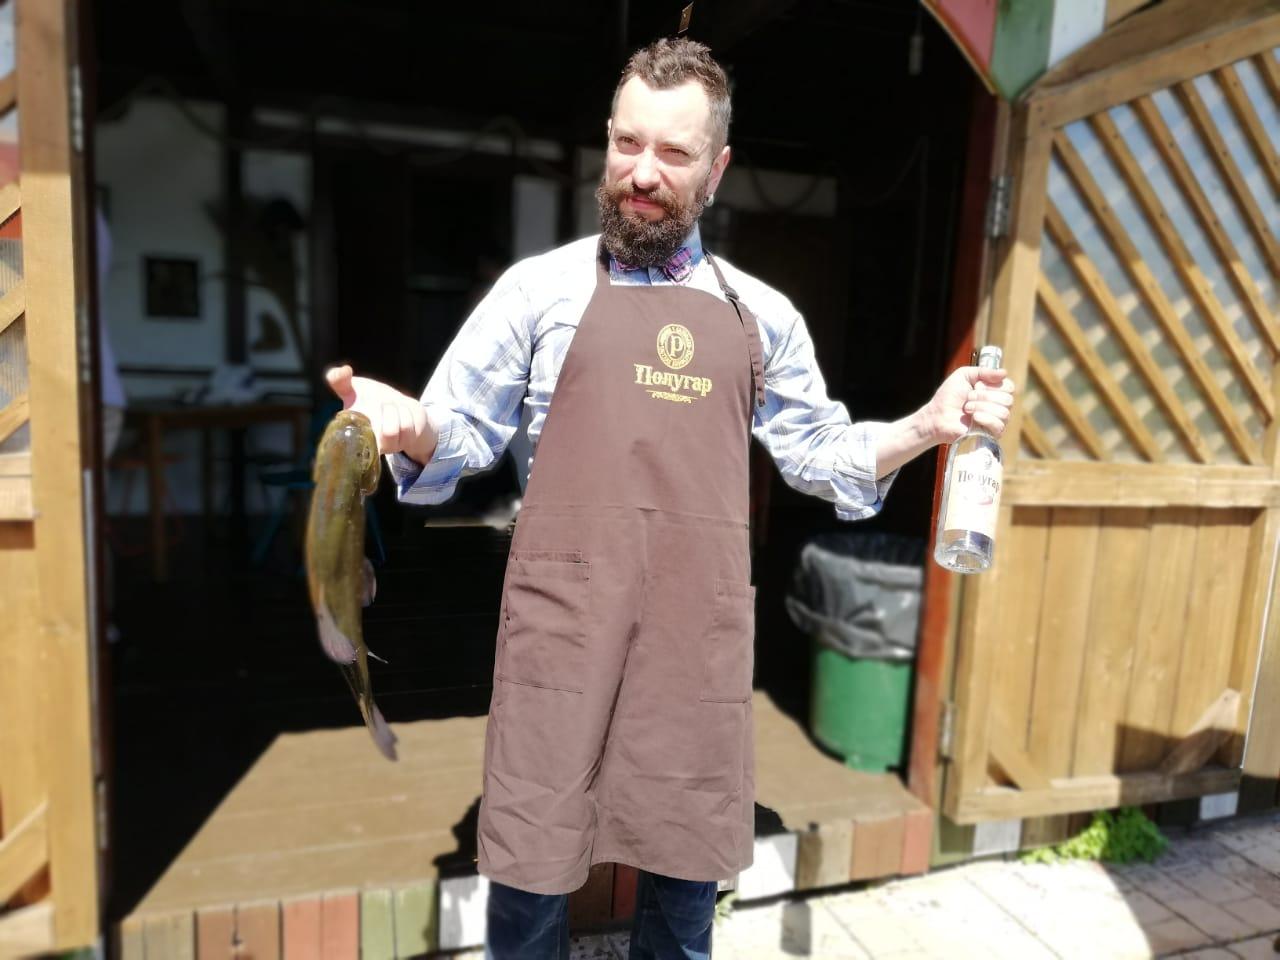 мероприятие КЛУБА ОХОТА С КУЗЕНКОВЫМ показало, что после рюмки ПОЛУГАРА рыба клюёт лучше!